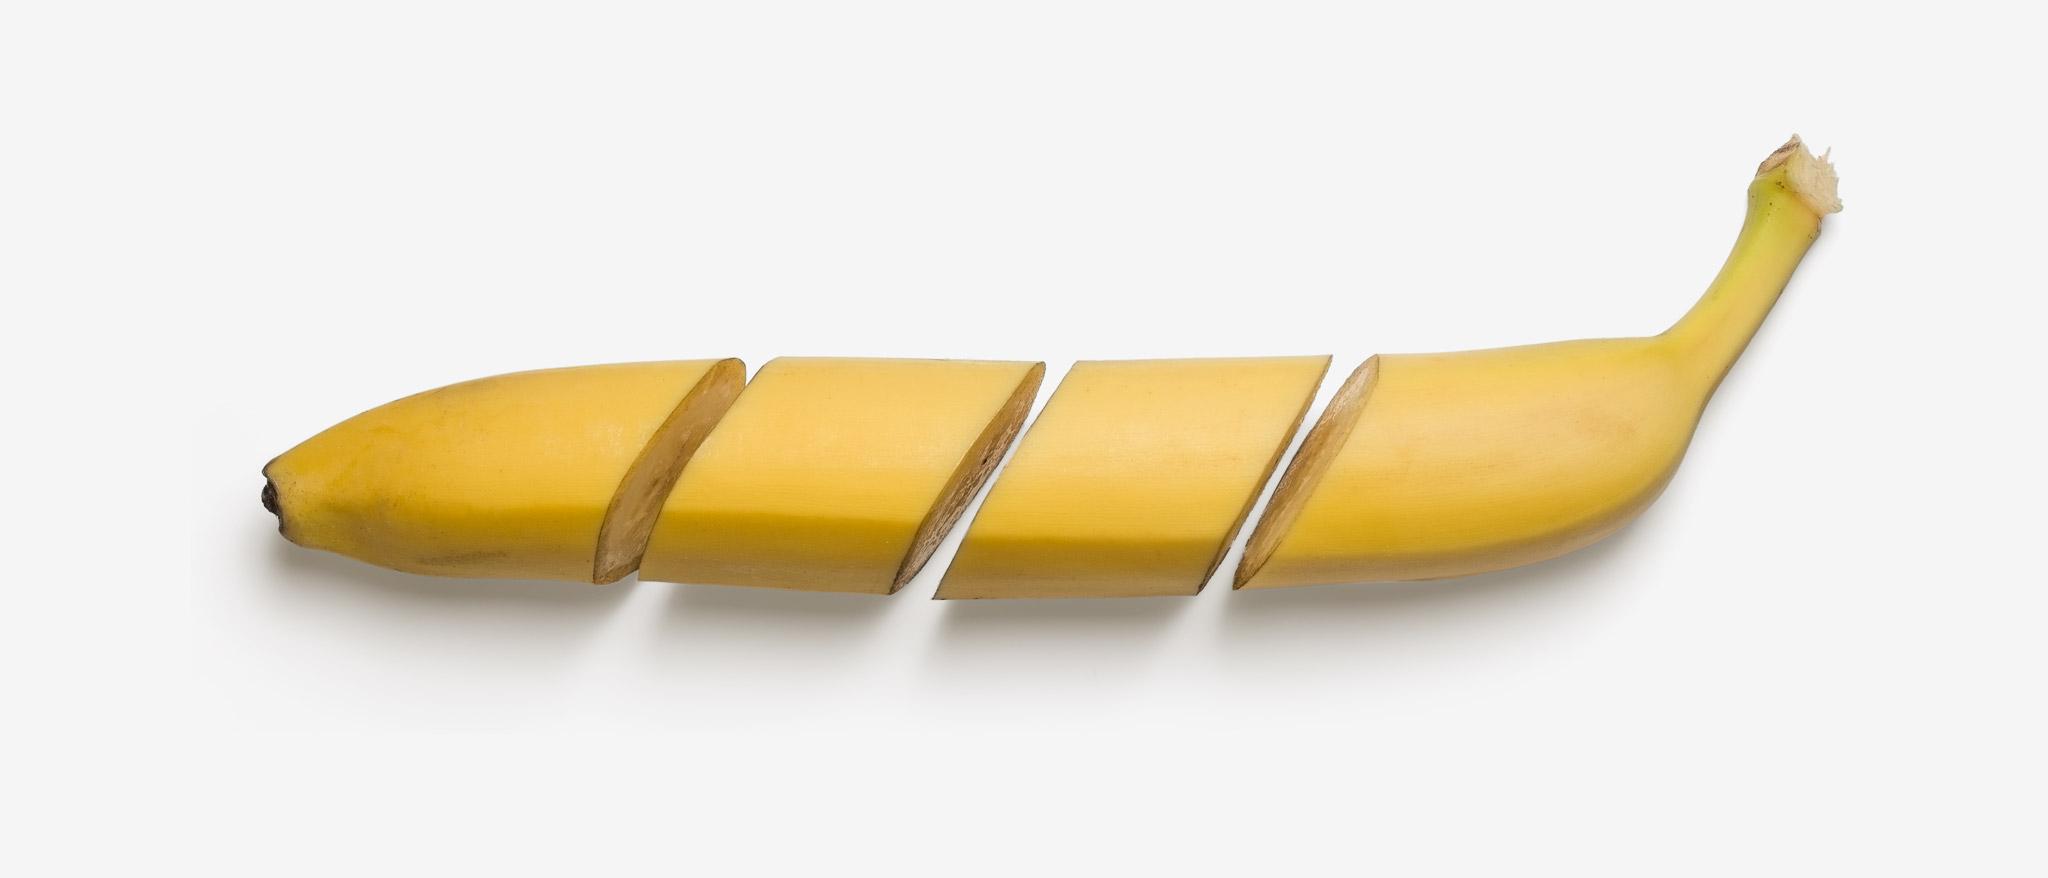 Banana PSD layered image